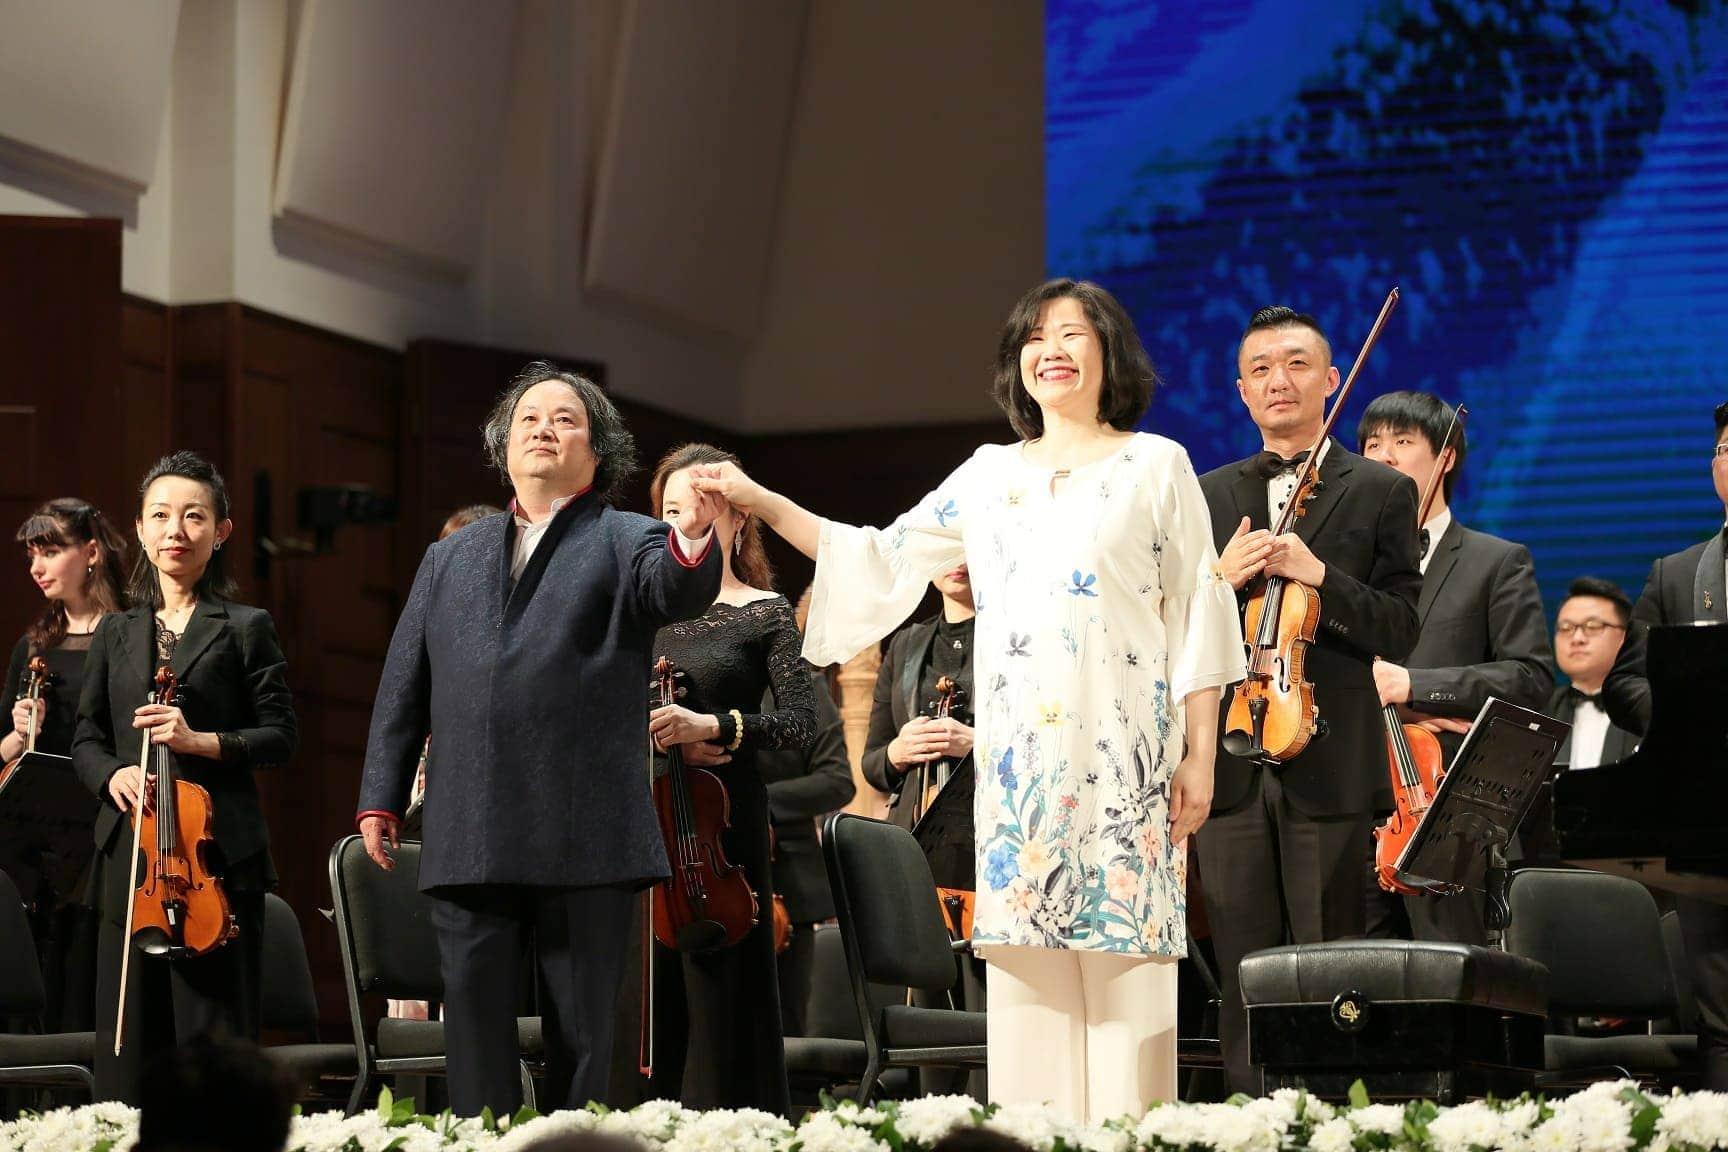 Клаудиа Янг и Харбинский симфонический оркестр под управлением Мухая Танга